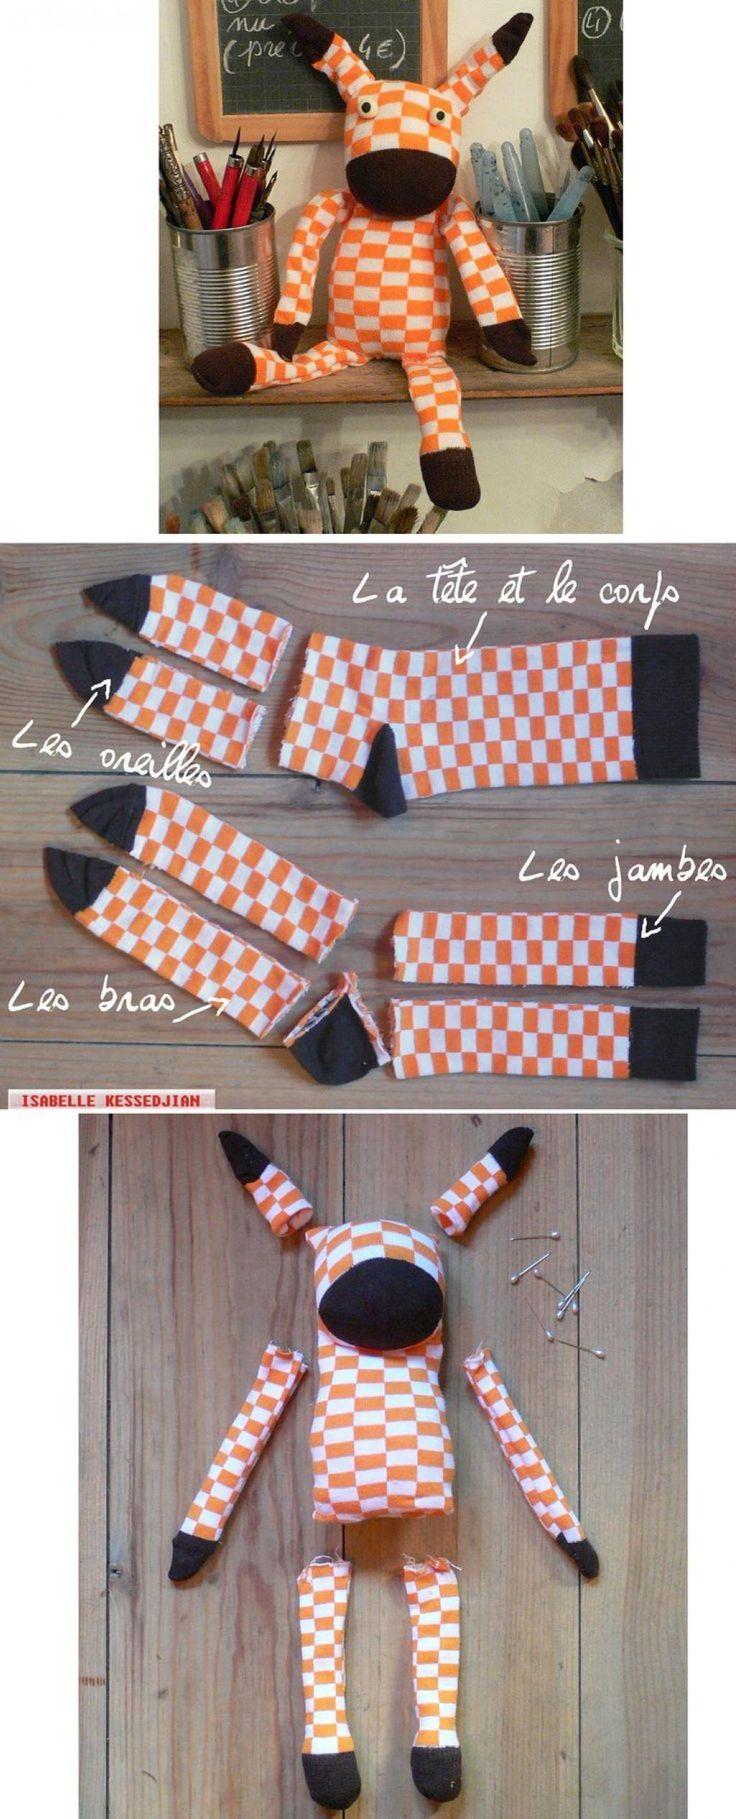 les 25 meilleures id es de la cat gorie chaussette noel sur pinterest couture chaussette no l. Black Bedroom Furniture Sets. Home Design Ideas